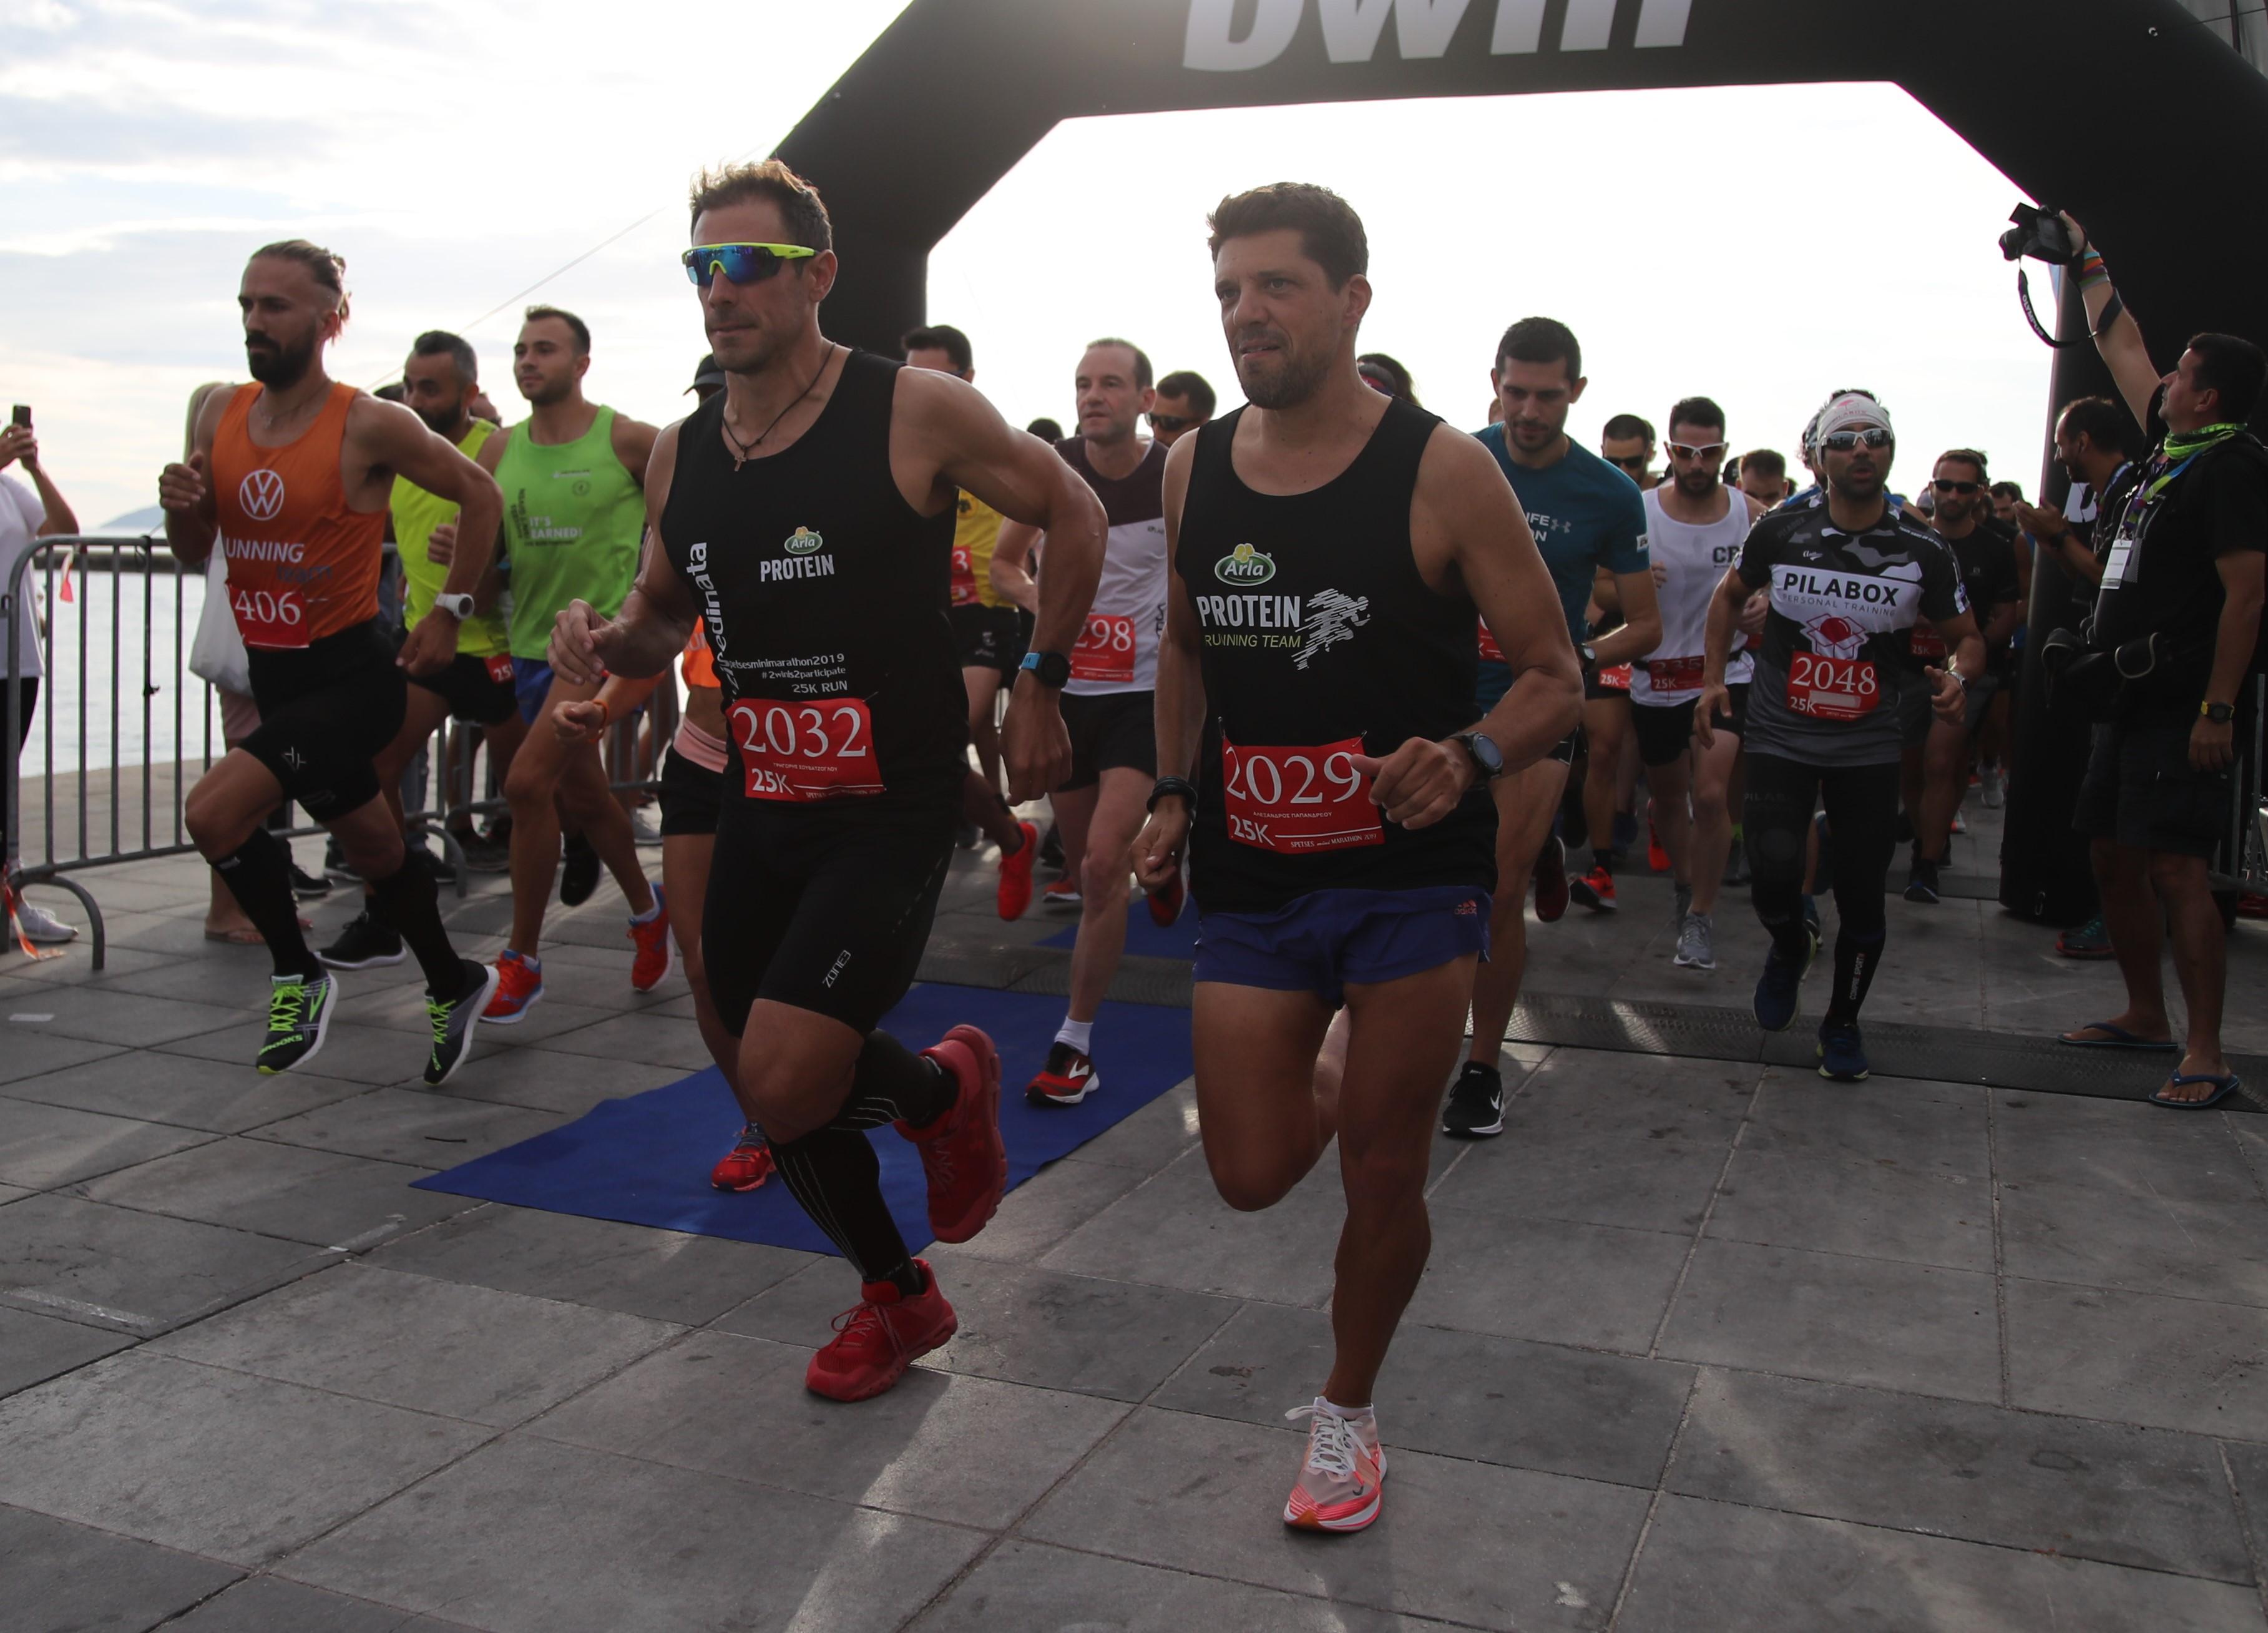 25k_start-grigoris-souvatzoglou-alexandros-papandreou-photo-credits-michalis-kokorakis-48